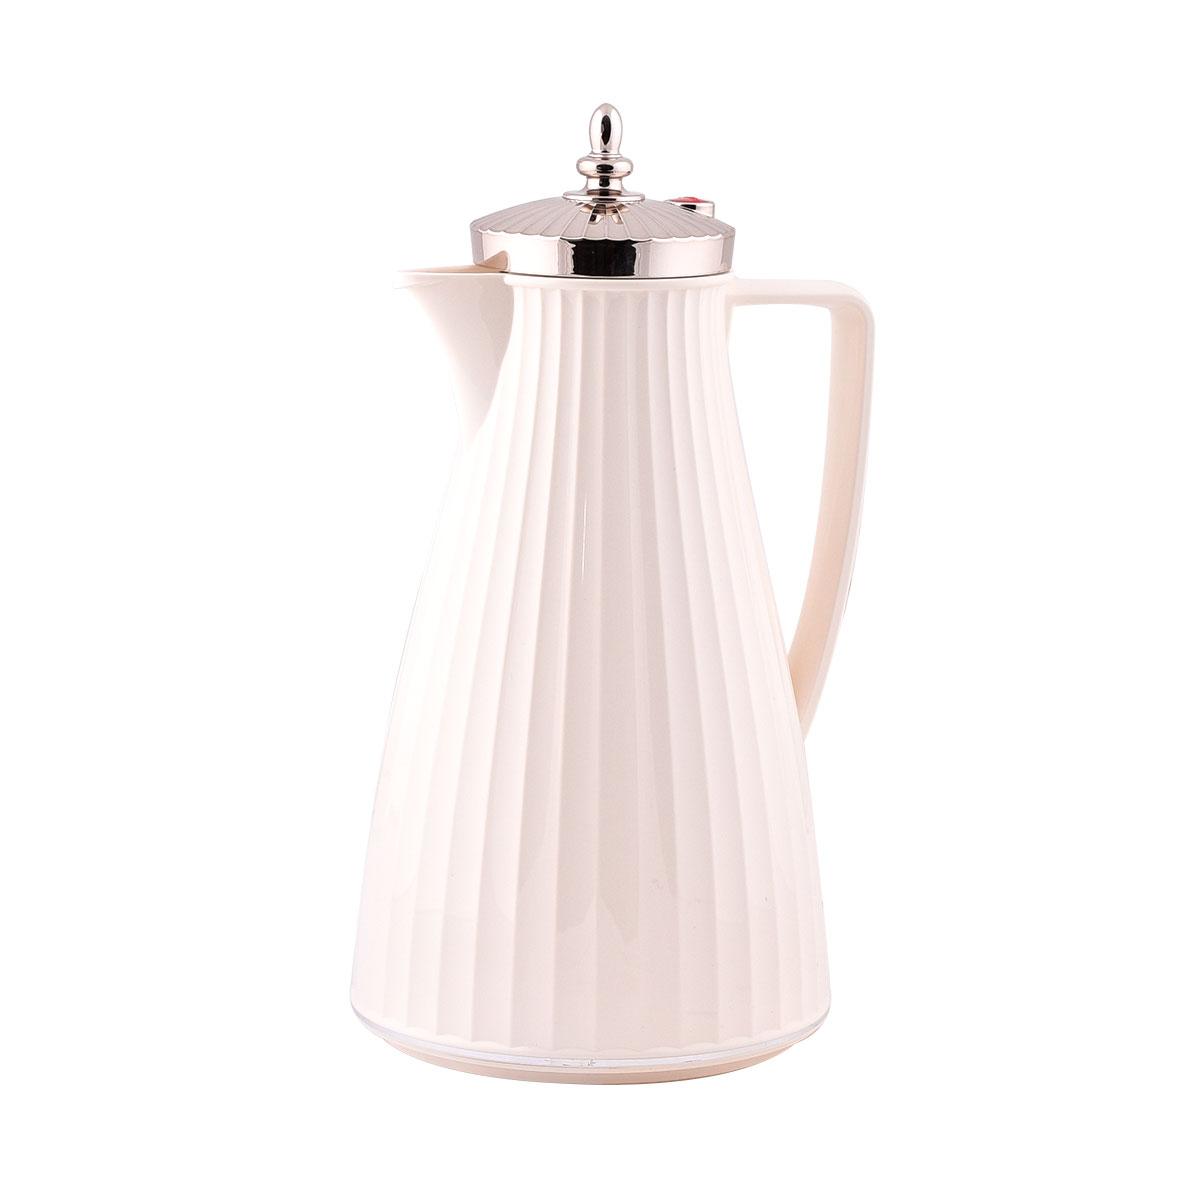 ترمس شاي وقهوة فلورا السيف لون بيج بغطاء فضي - 1 لتر  -IWN